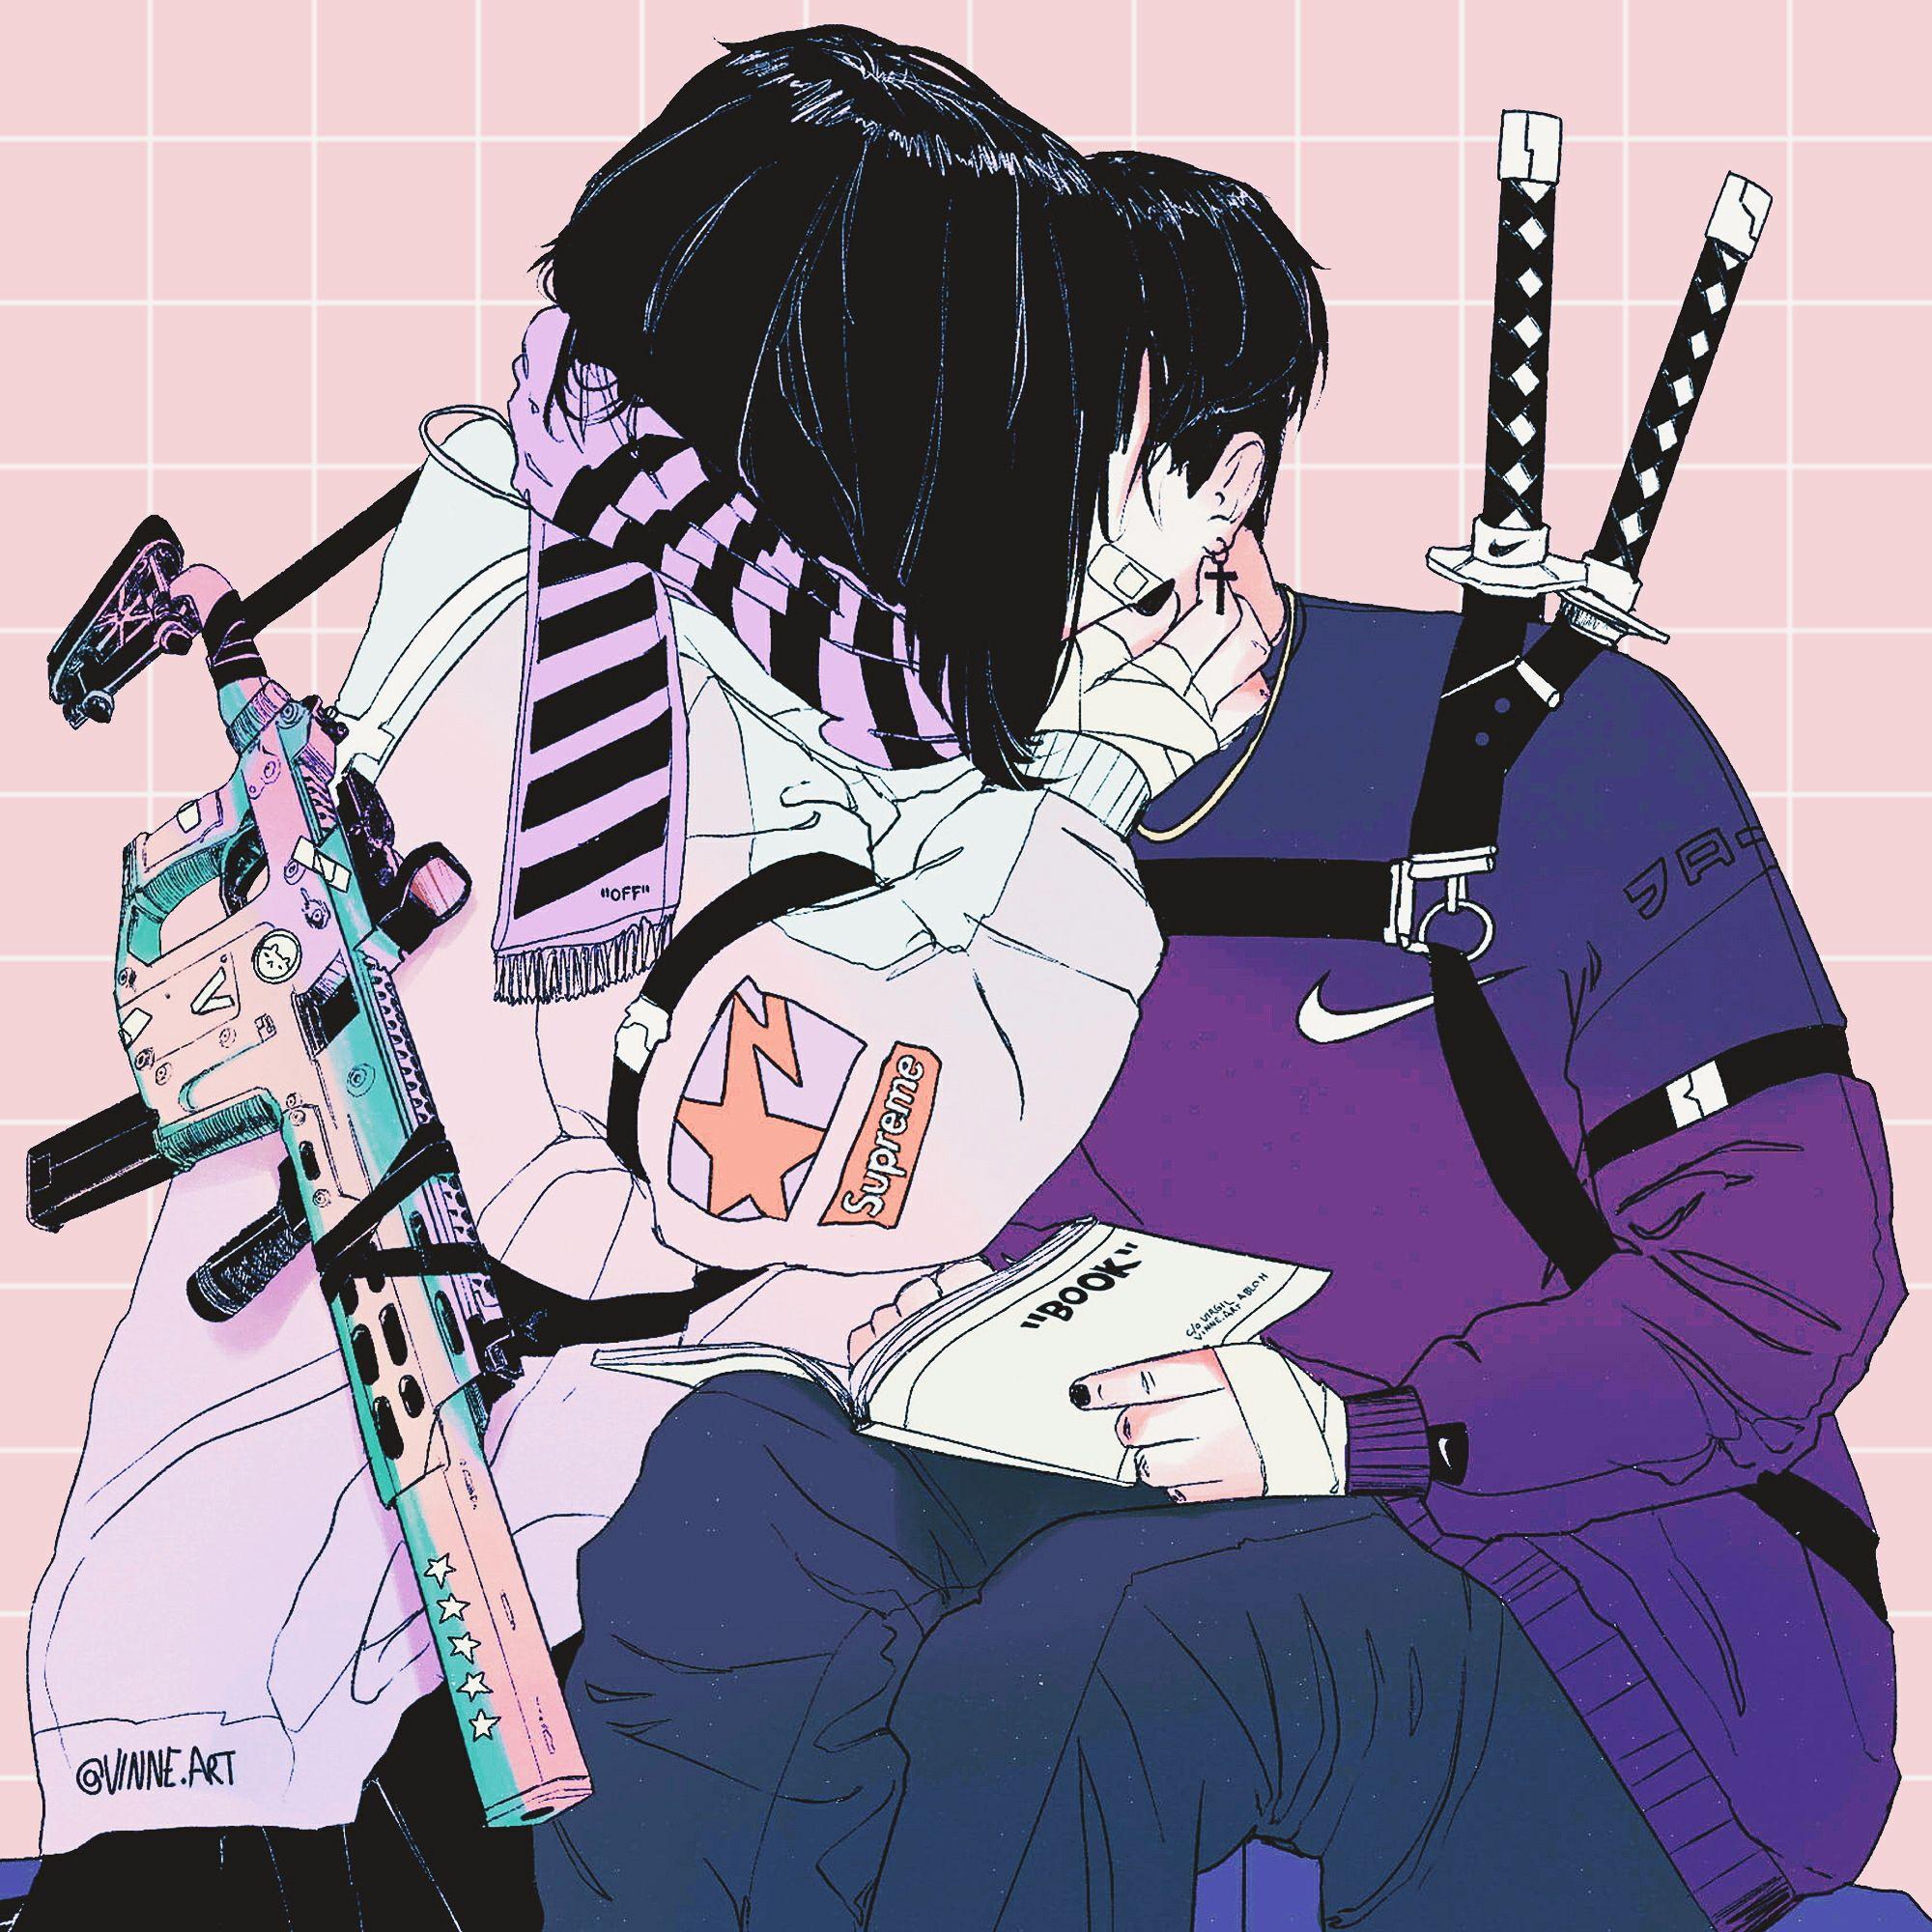 Pin By Vinne Art On Couples Manga Art Anime Art Aesthetic Anime